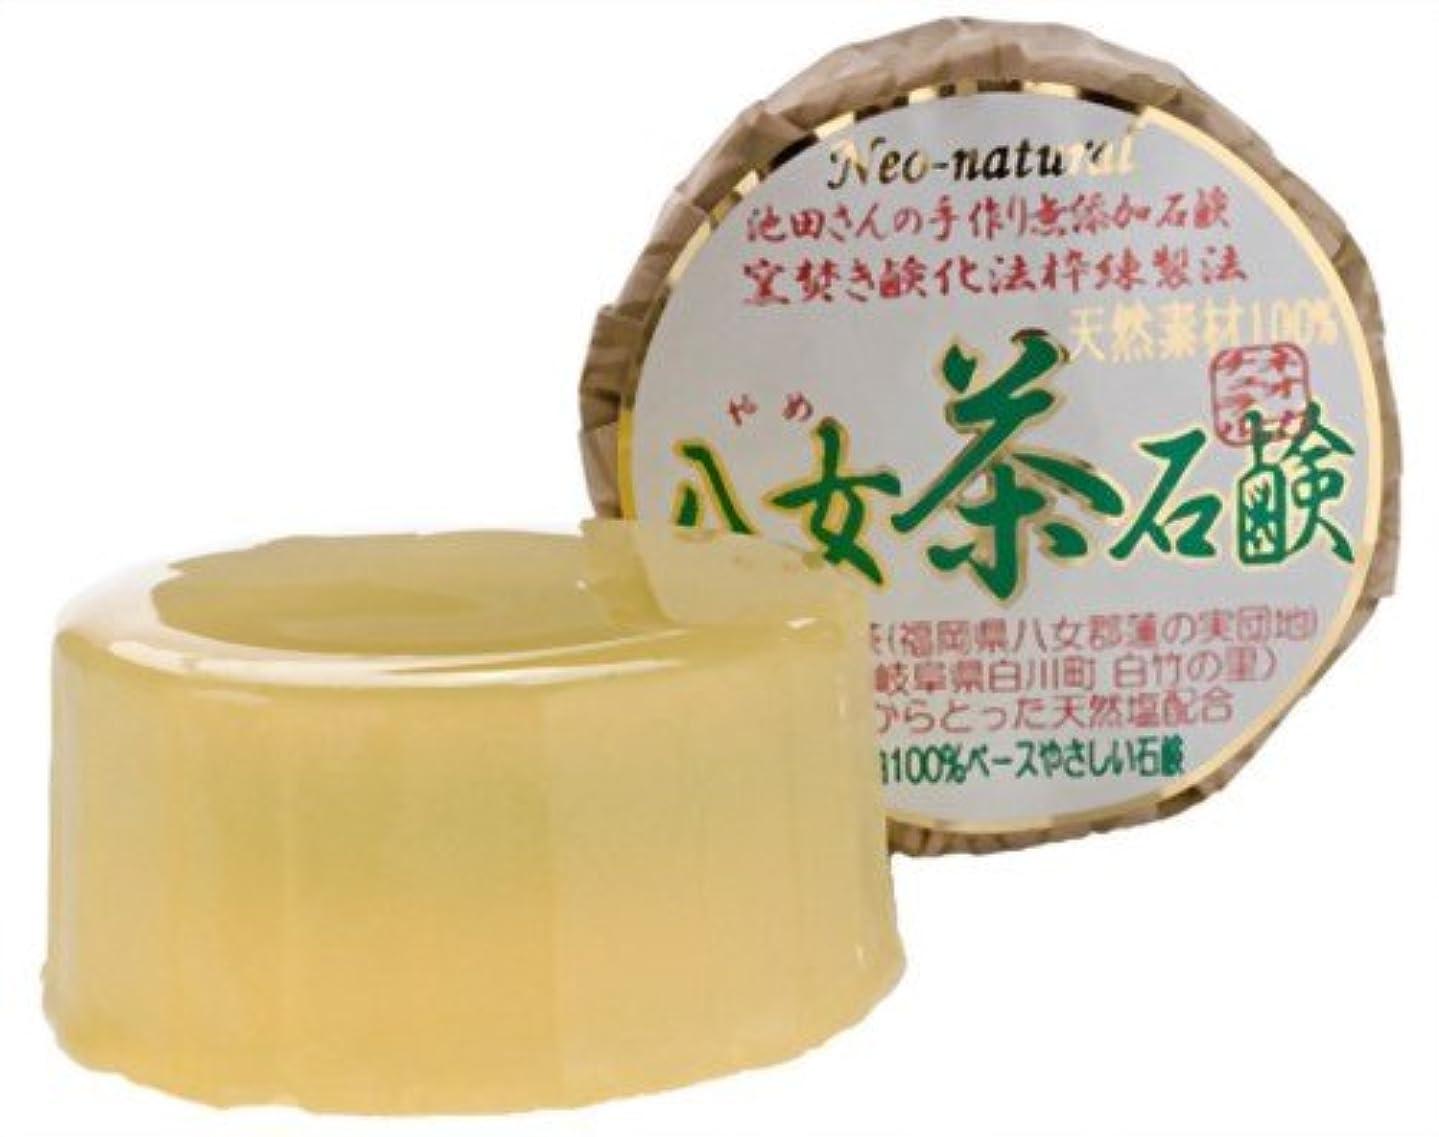 衝動トロリーバーベキューネオナチュラル 池田さんの八女茶石鹸 80g